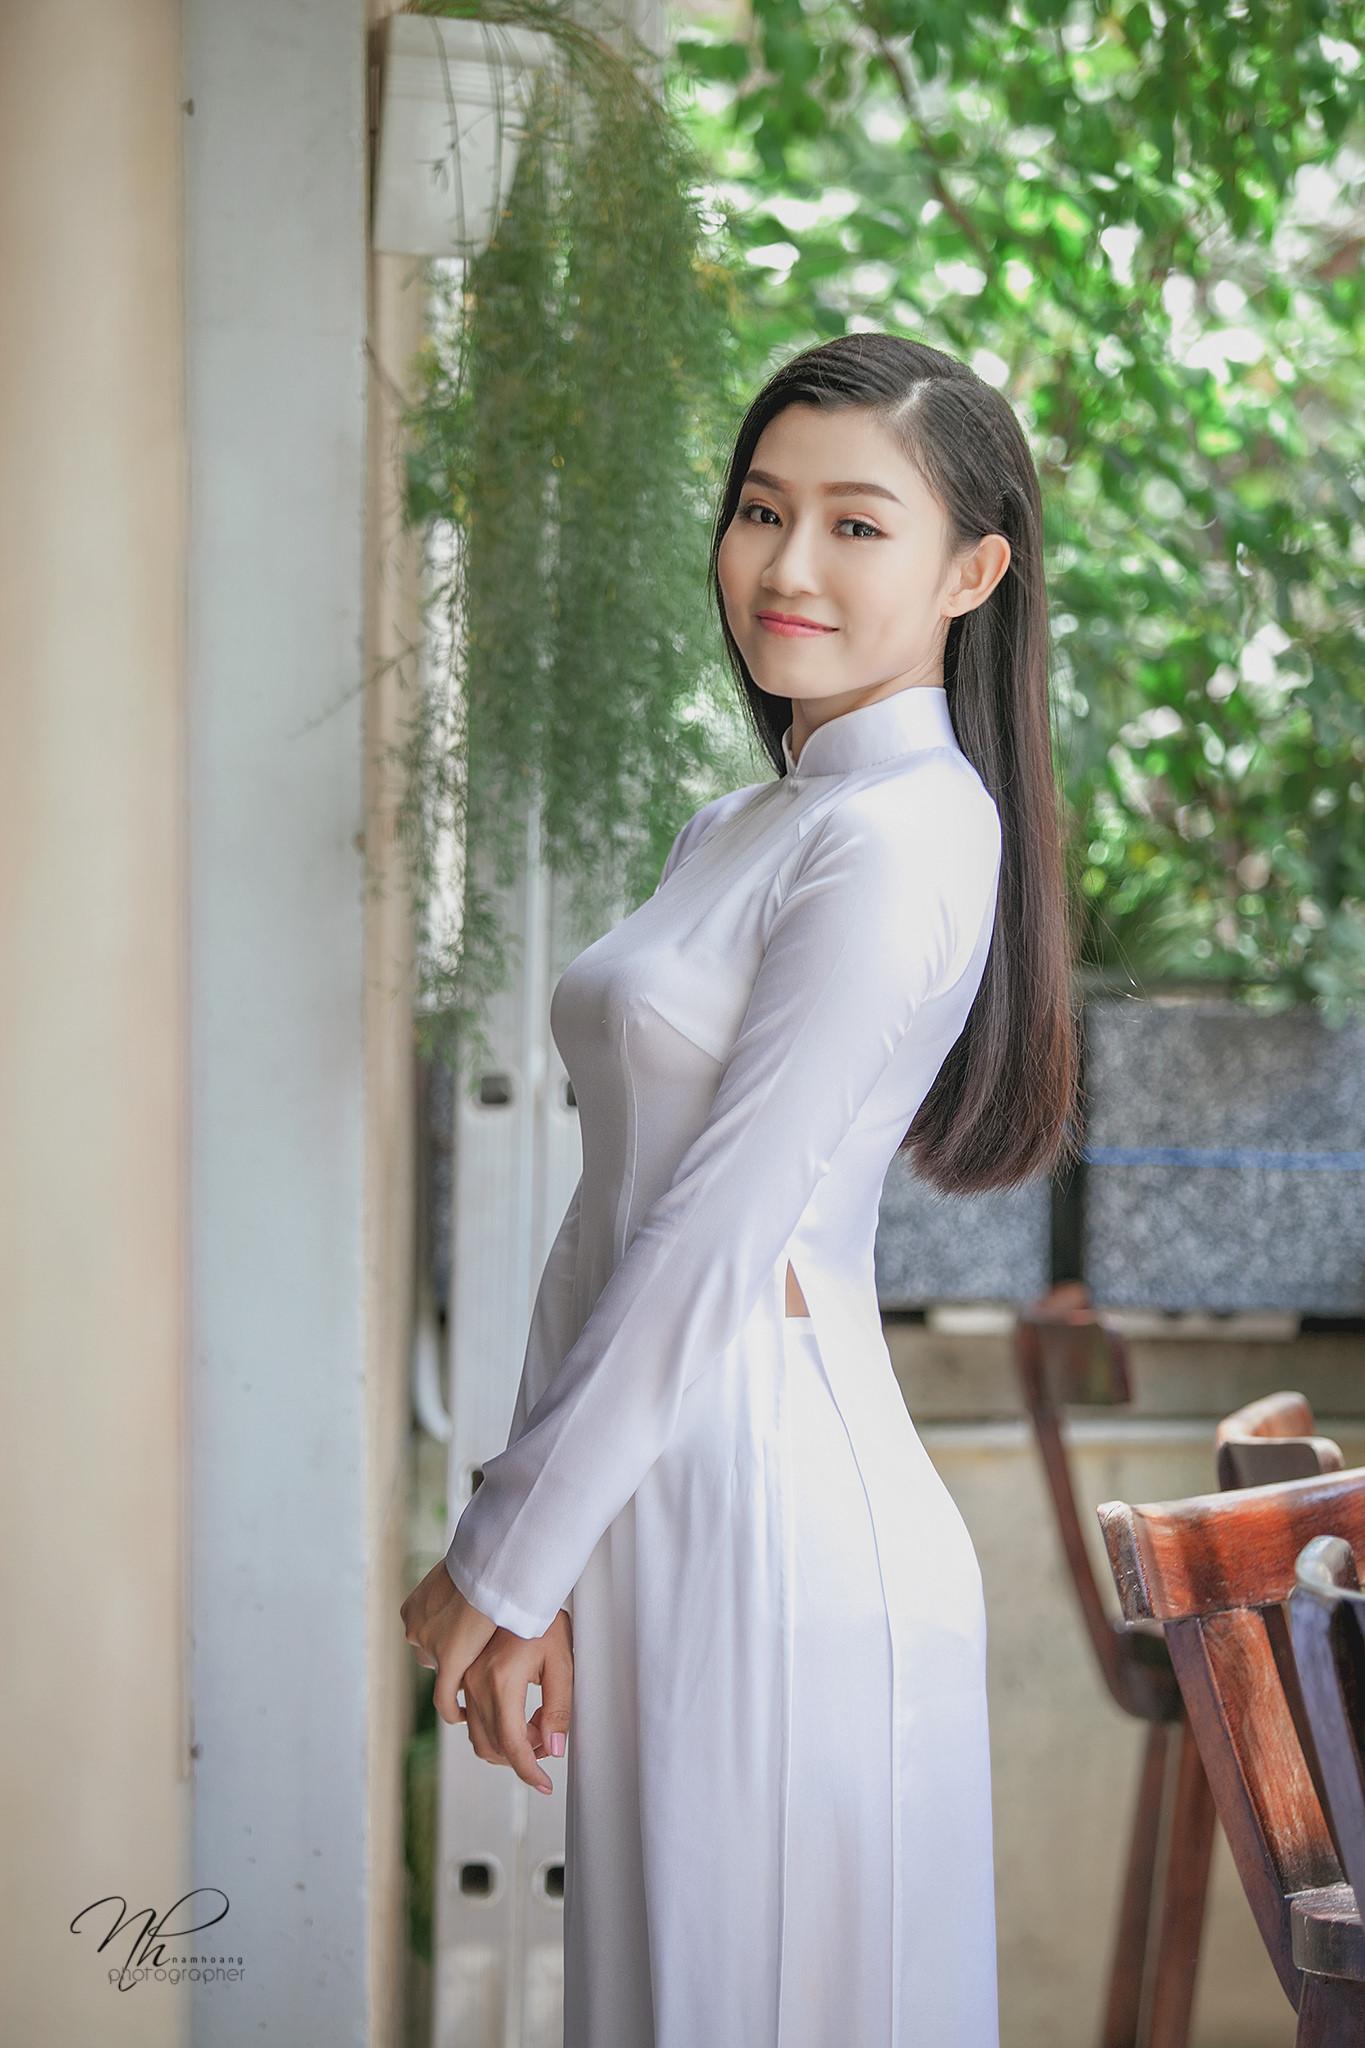 Tuyển tập girl xinh gái đẹp Việt Nam mặc áo dài đẹp mê hồn #60 - 3